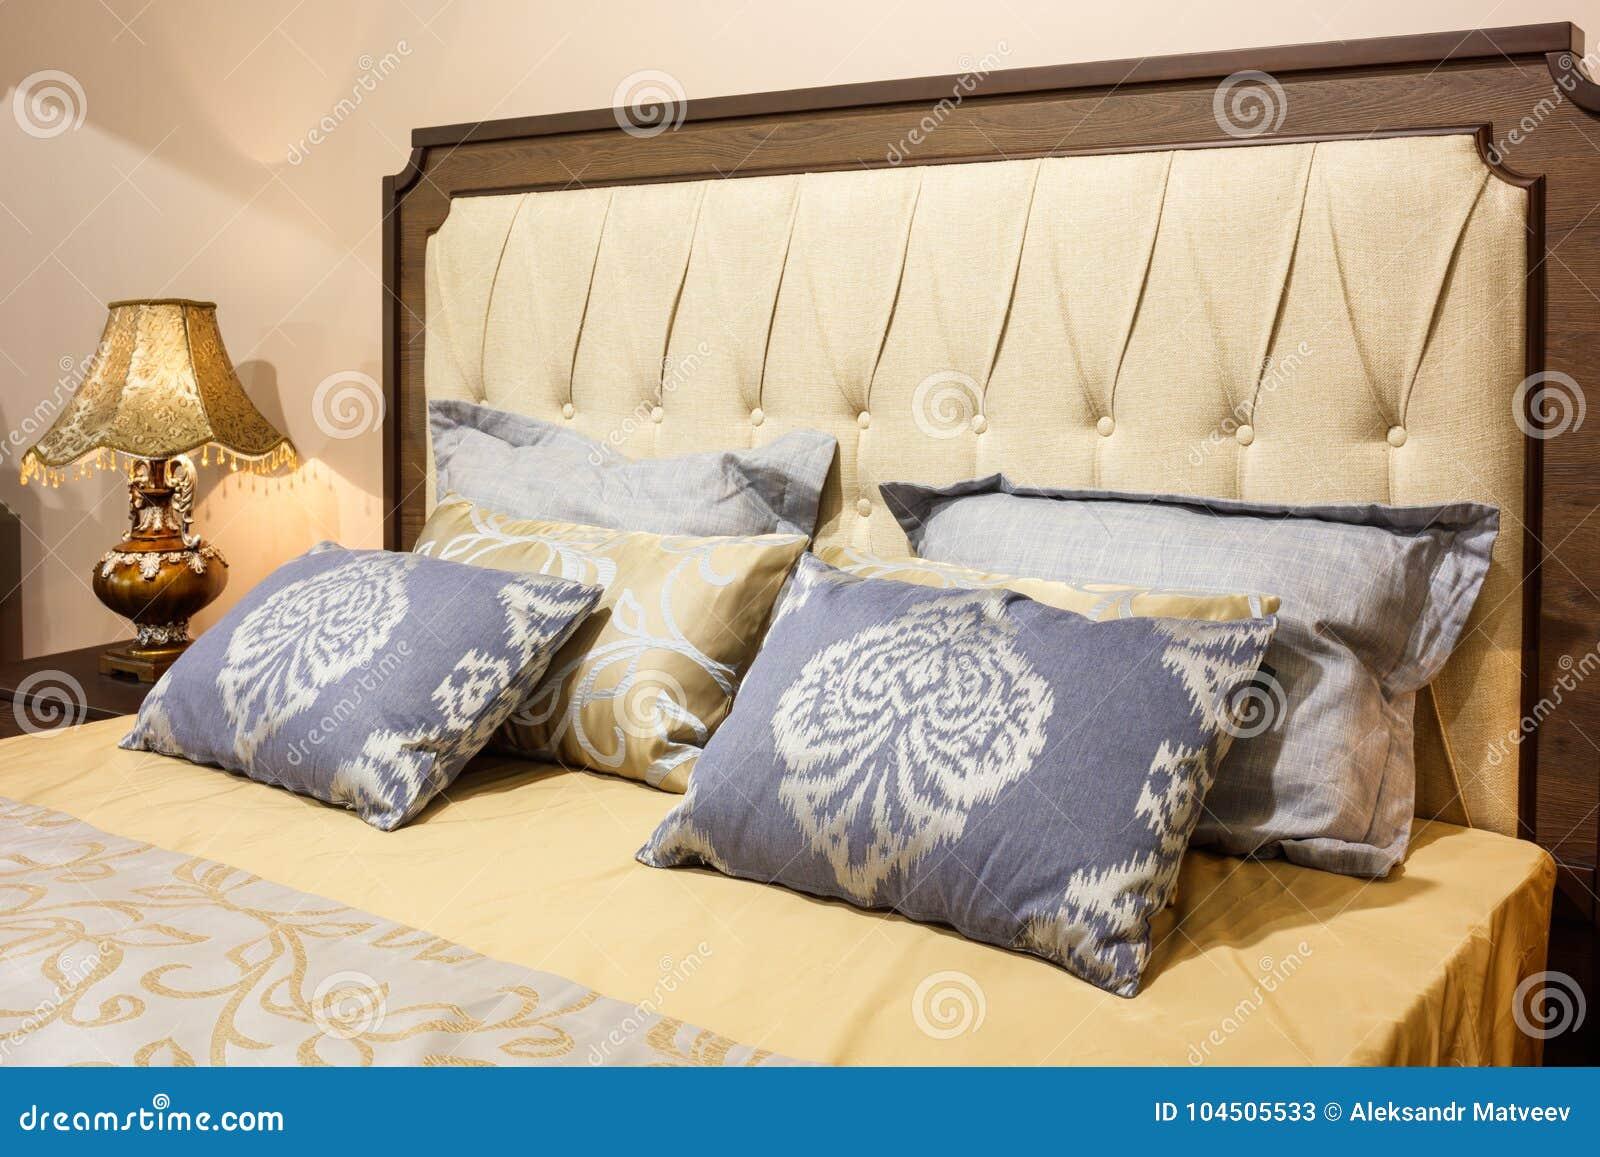 https://thumbs.dreamstime.com/z/slaapkamer-van-de-luxe-moderne-stijl-gele-en-blauwe-tonen-binnenlands-een-hotelslaapkamer-kussens-met-patroonornament-104505533.jpg